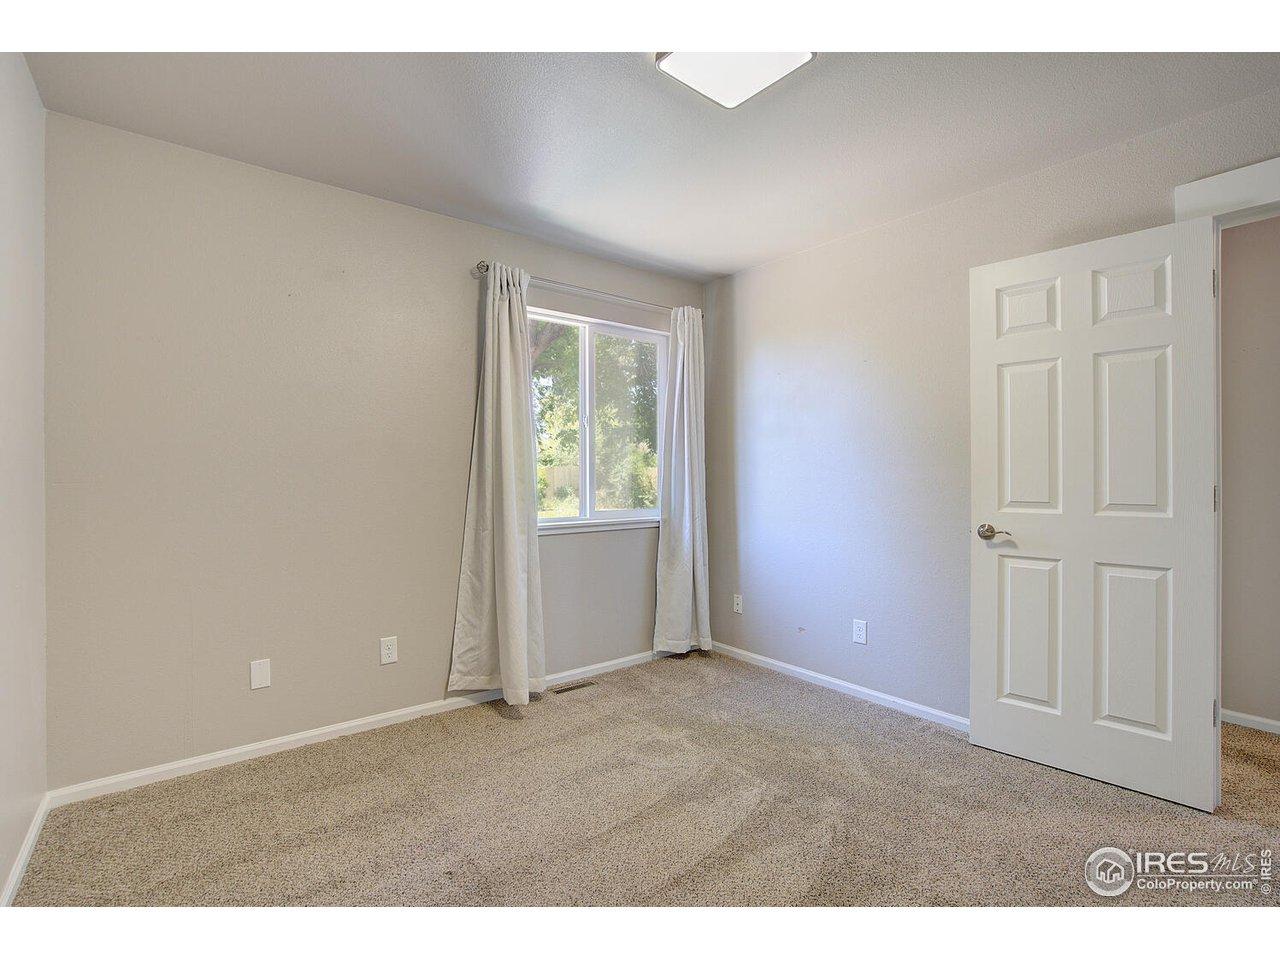 11 x 10 Bedroom 3